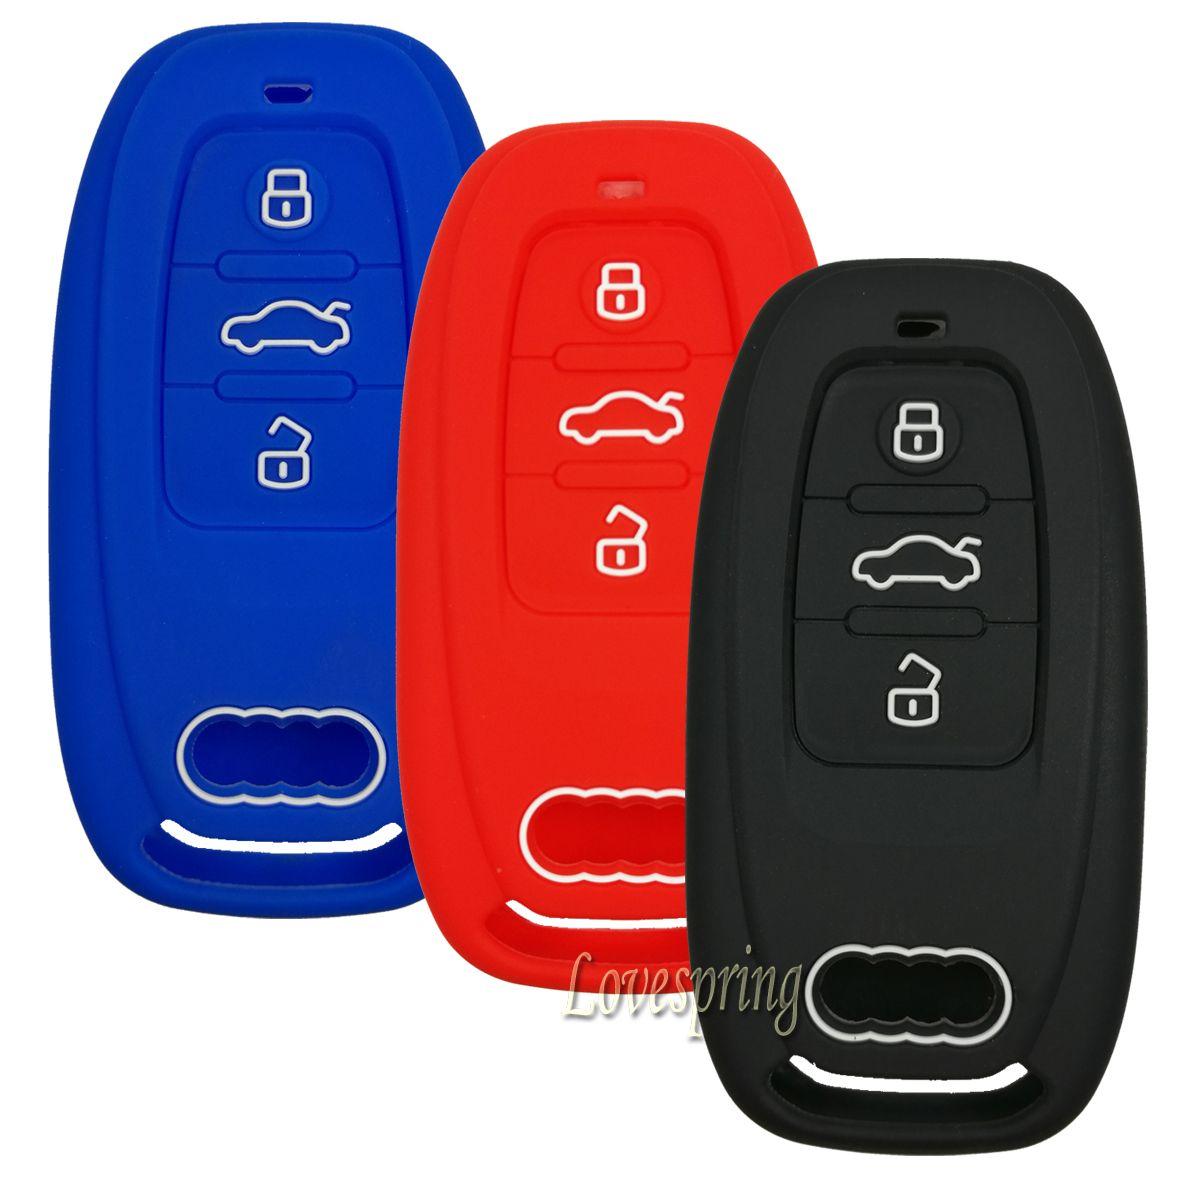 3 tasti auto chiave portachiavi copertura a distanza caso chiave custodia protettiva della pelle shell keyless audi a1 a4 a5 a5 a7 a8 a5 a5 a5 a7 a8